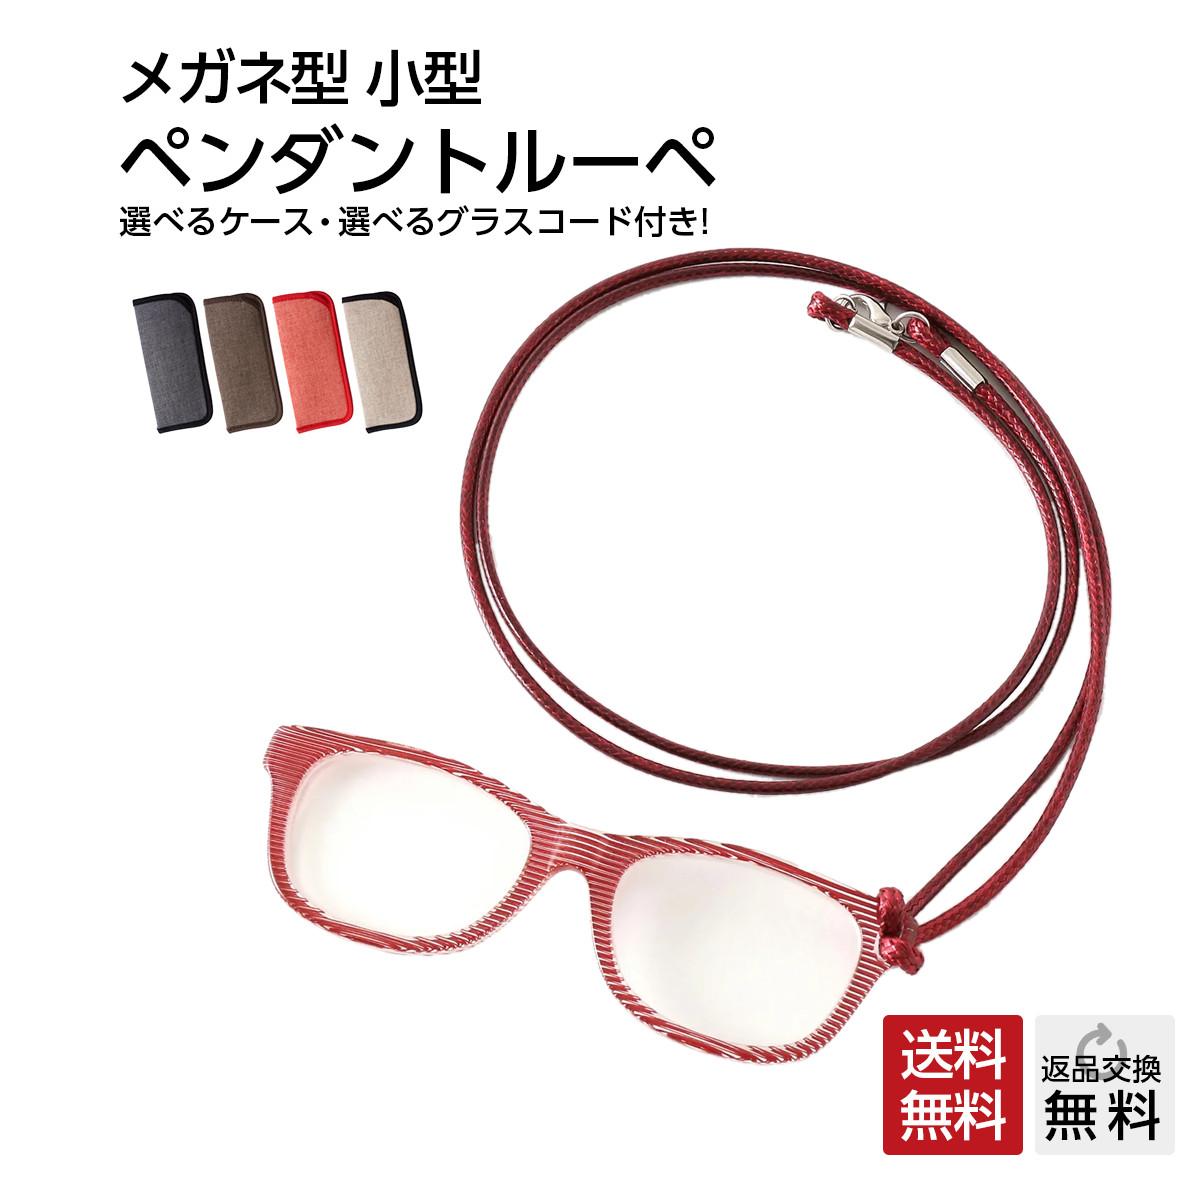 老眼鏡 おしゃれ ペンダントグラス ルーペ リーディンググラス 男女兼用 再再販 レッド おしゃれなルーペ PG-003 定価 紐は5色から選べます